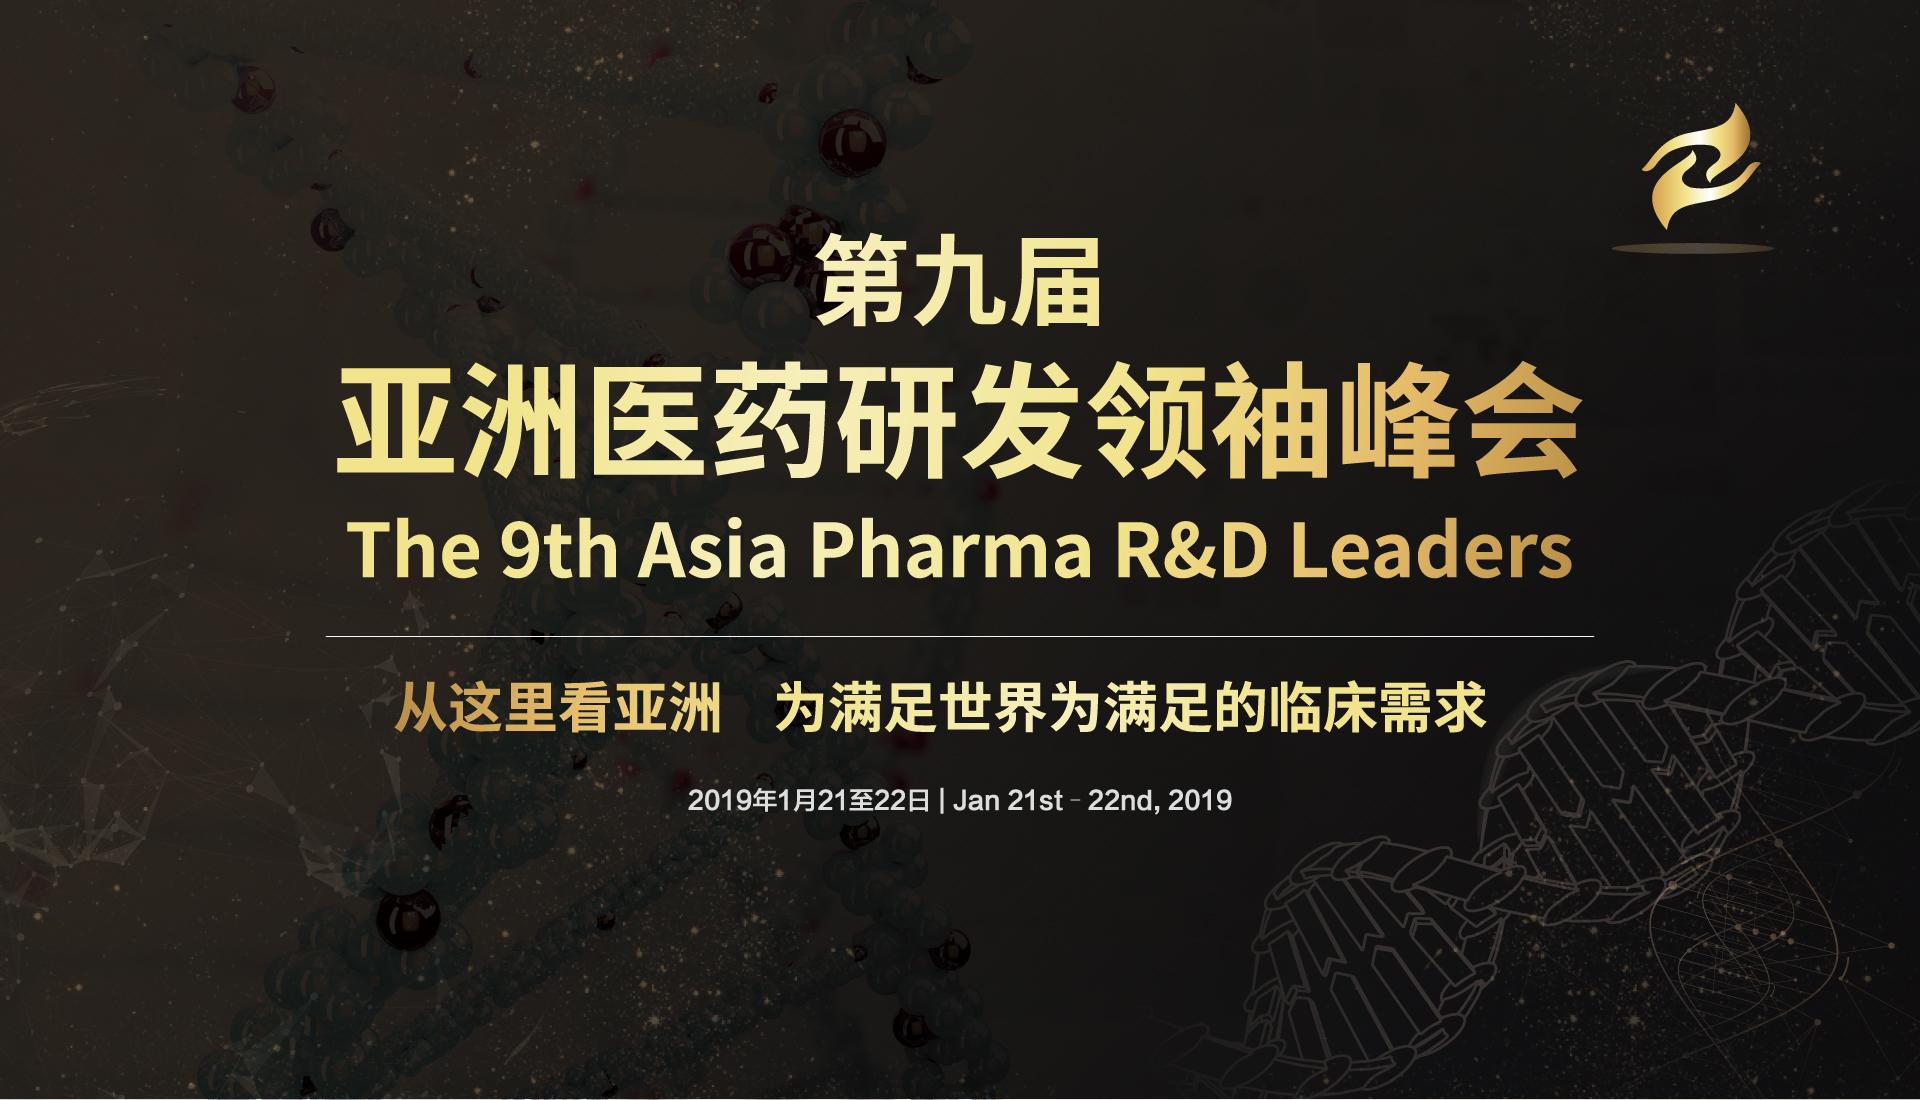 (已结束)第九届亚洲医药研发领袖峰会